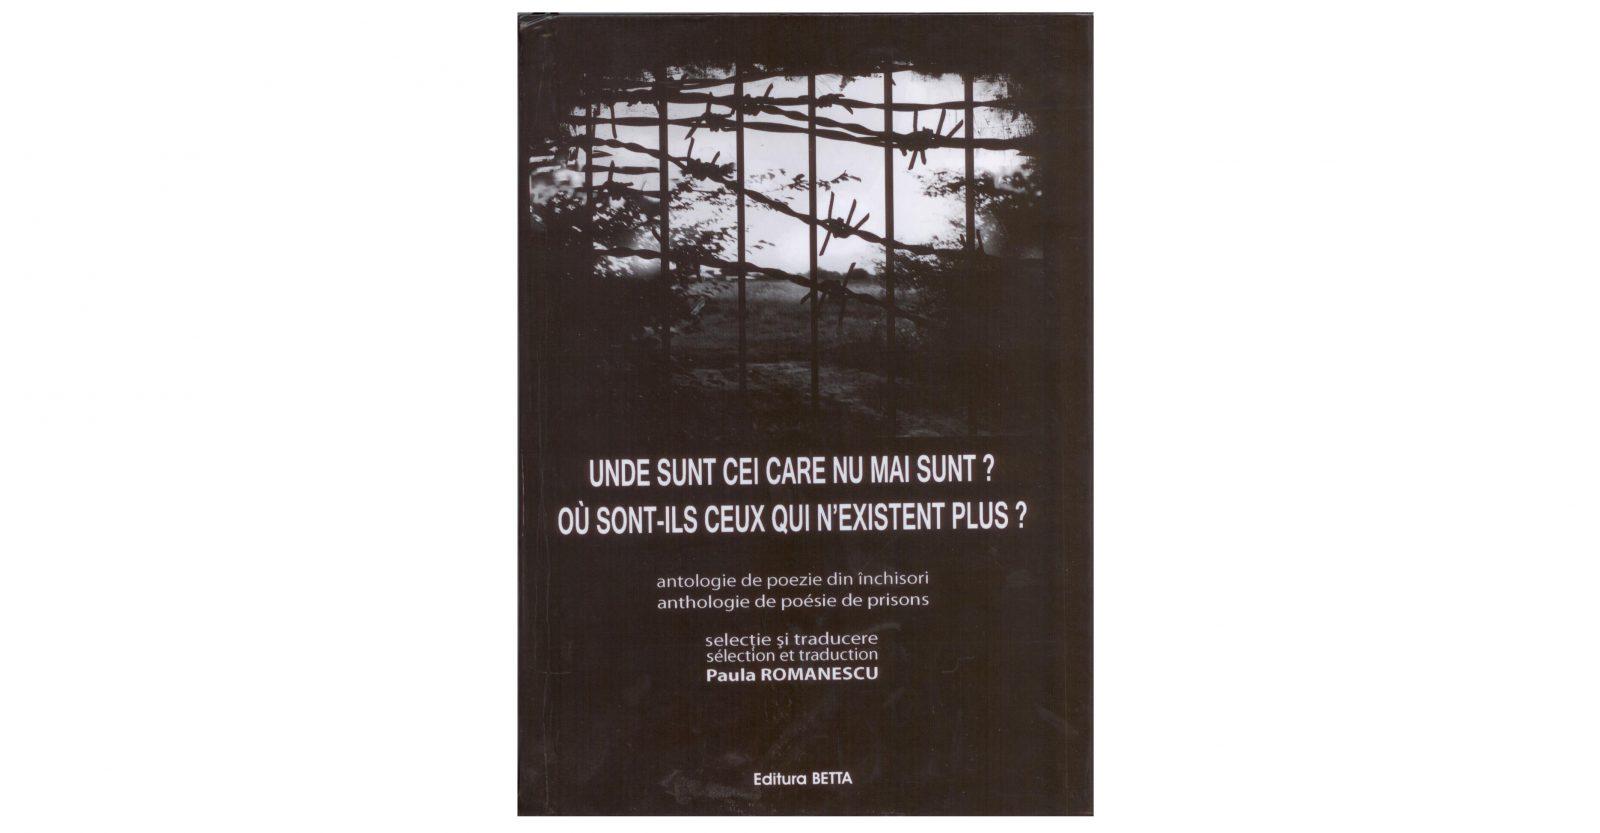 """Lansarea volumului ,,Unde sunt cei care nu mai sunt?/ Où sont-ils ceux qui n'existent plus?"""", de Paula Romanescu"""